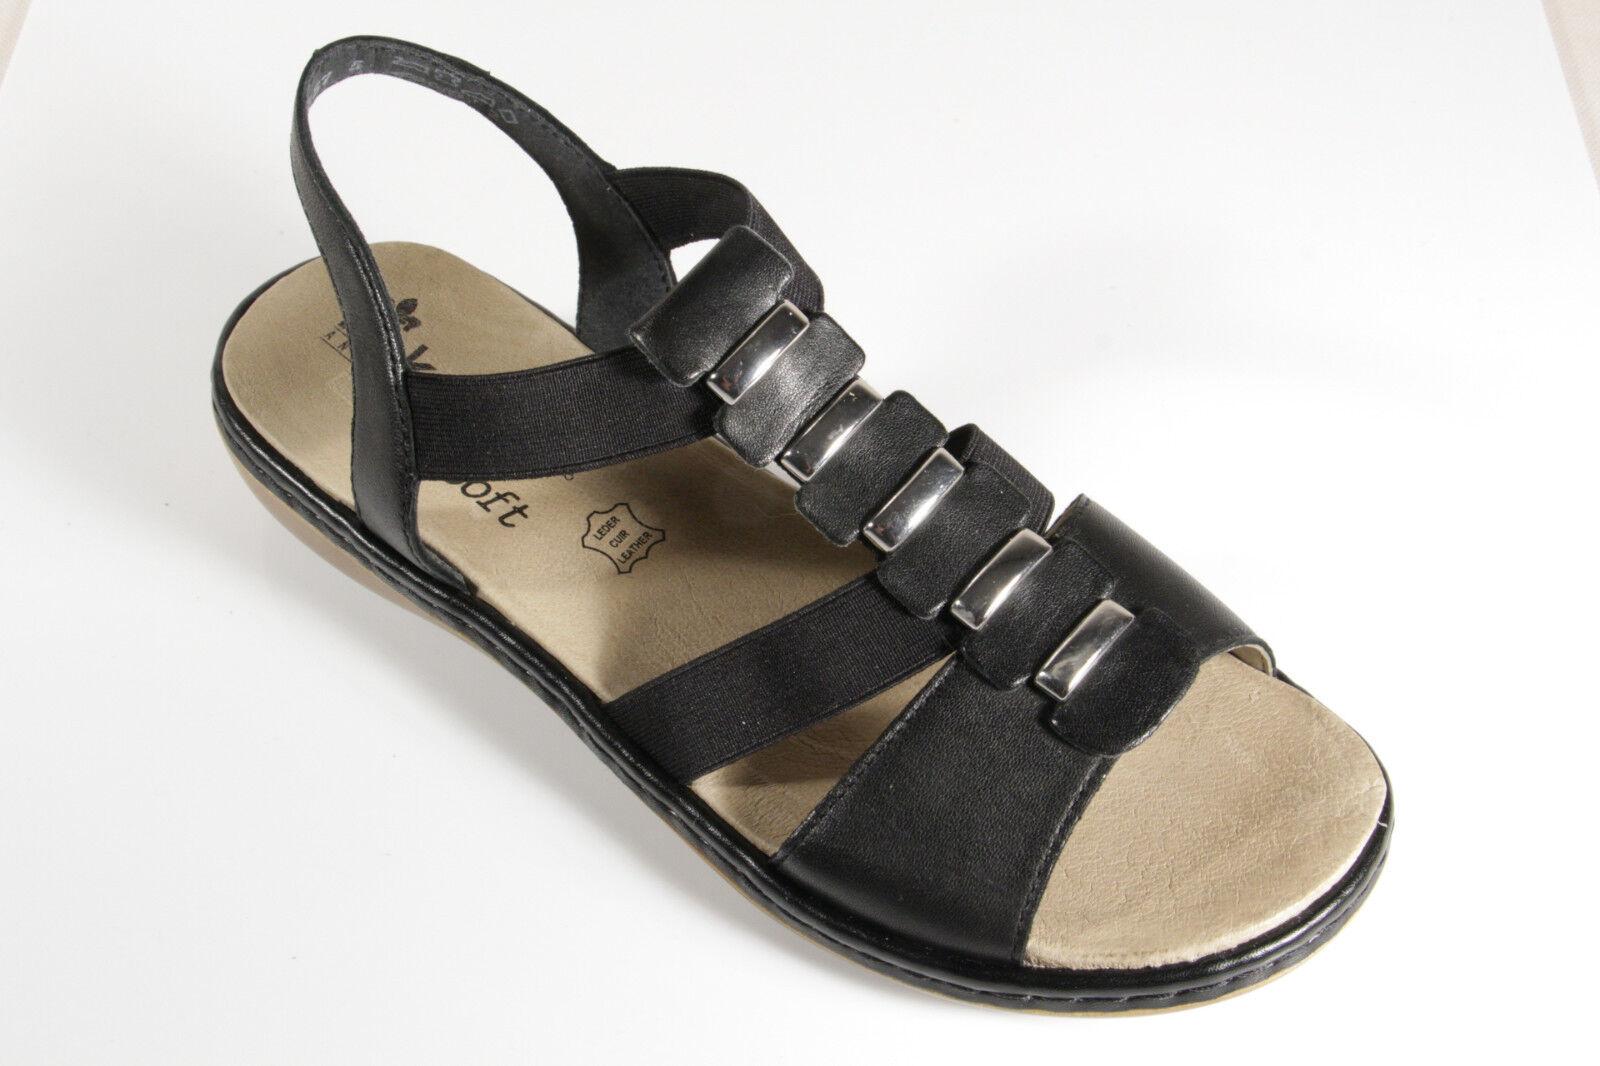 Rieker Damen Sandalen Sandaletten schwarz Fußbett Echtleder QNQtS